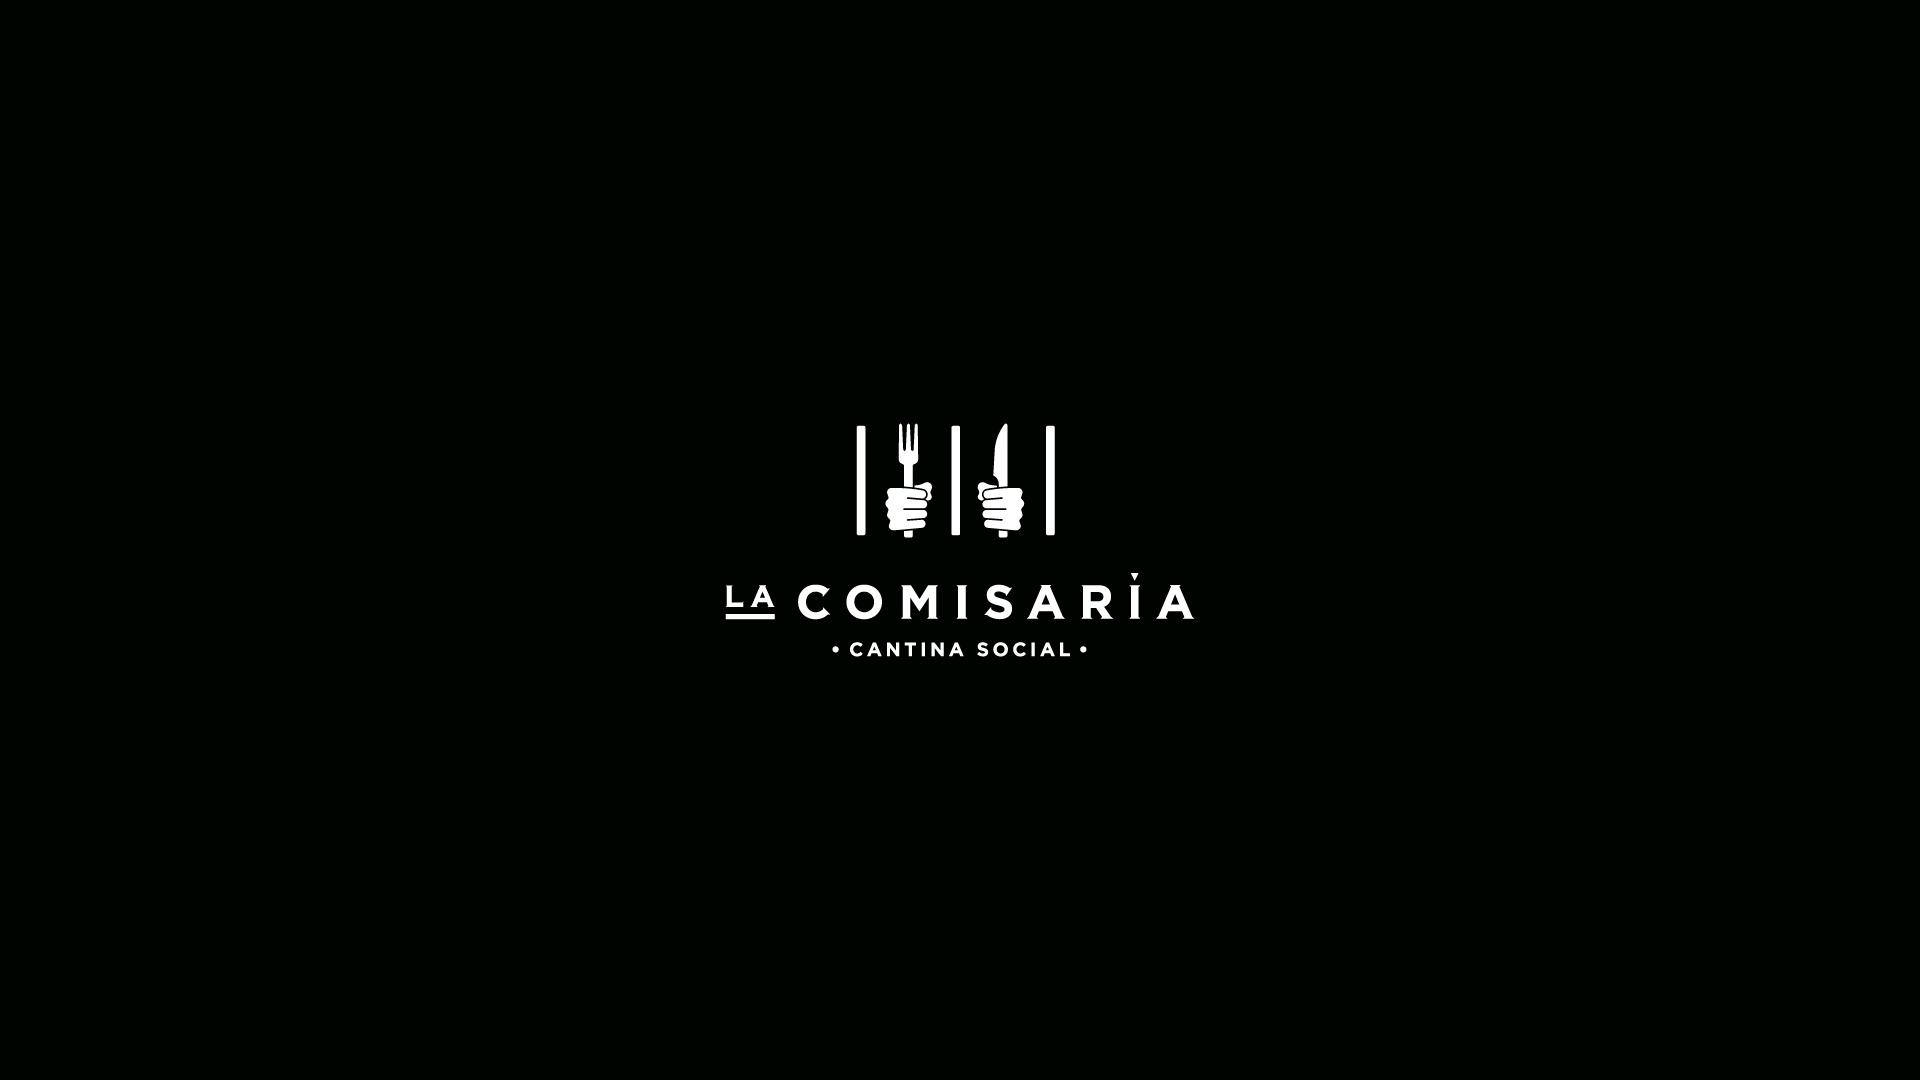 COMISARIA 1-01